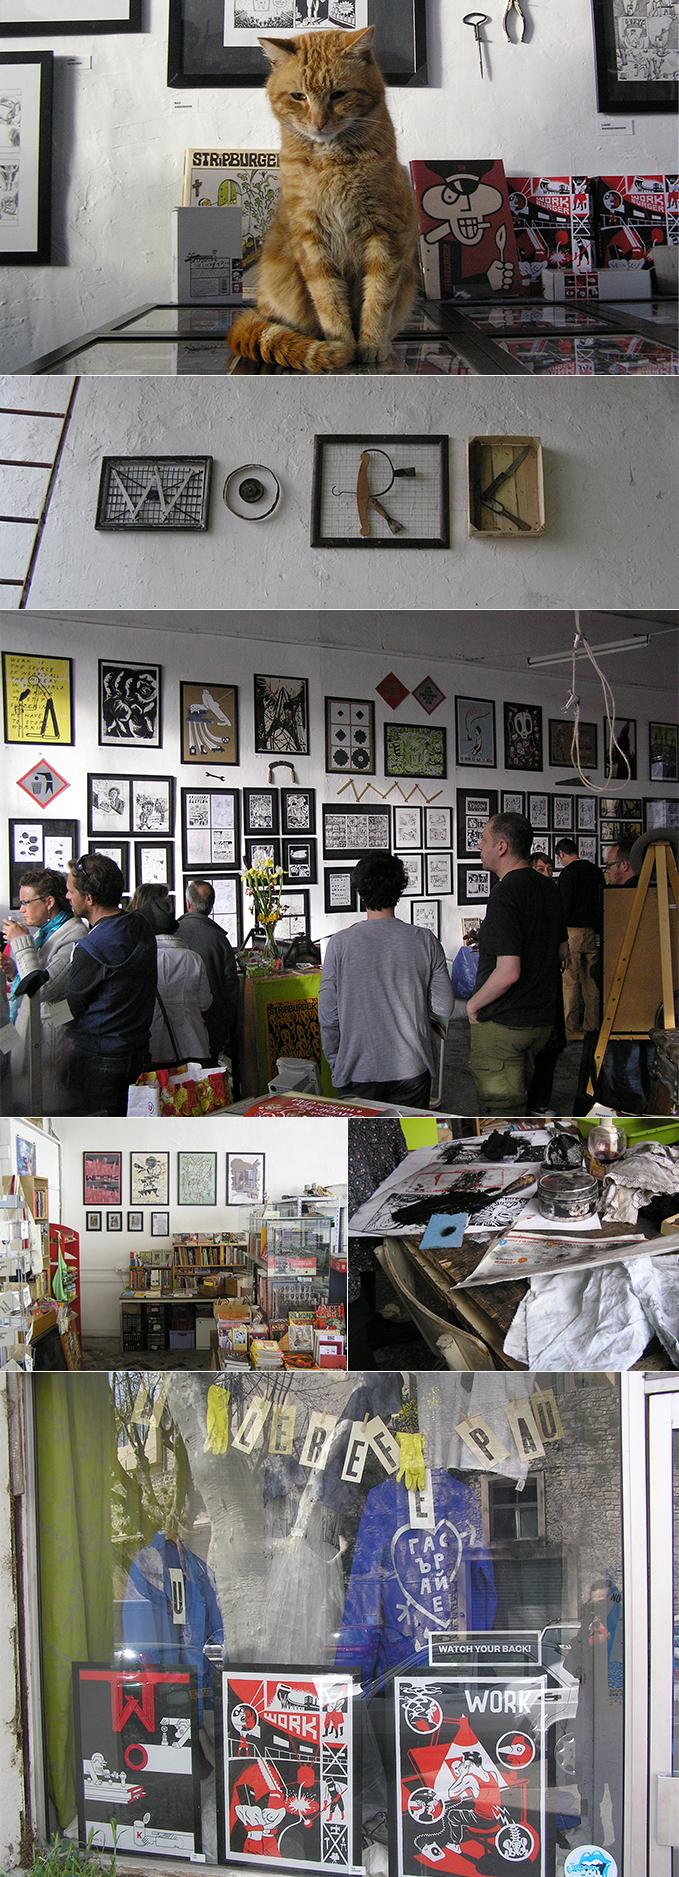 Razstava Pozor, delo! v Le Garage L, Forcalquier, Francija, 2014 Fotografije: Le Garage L